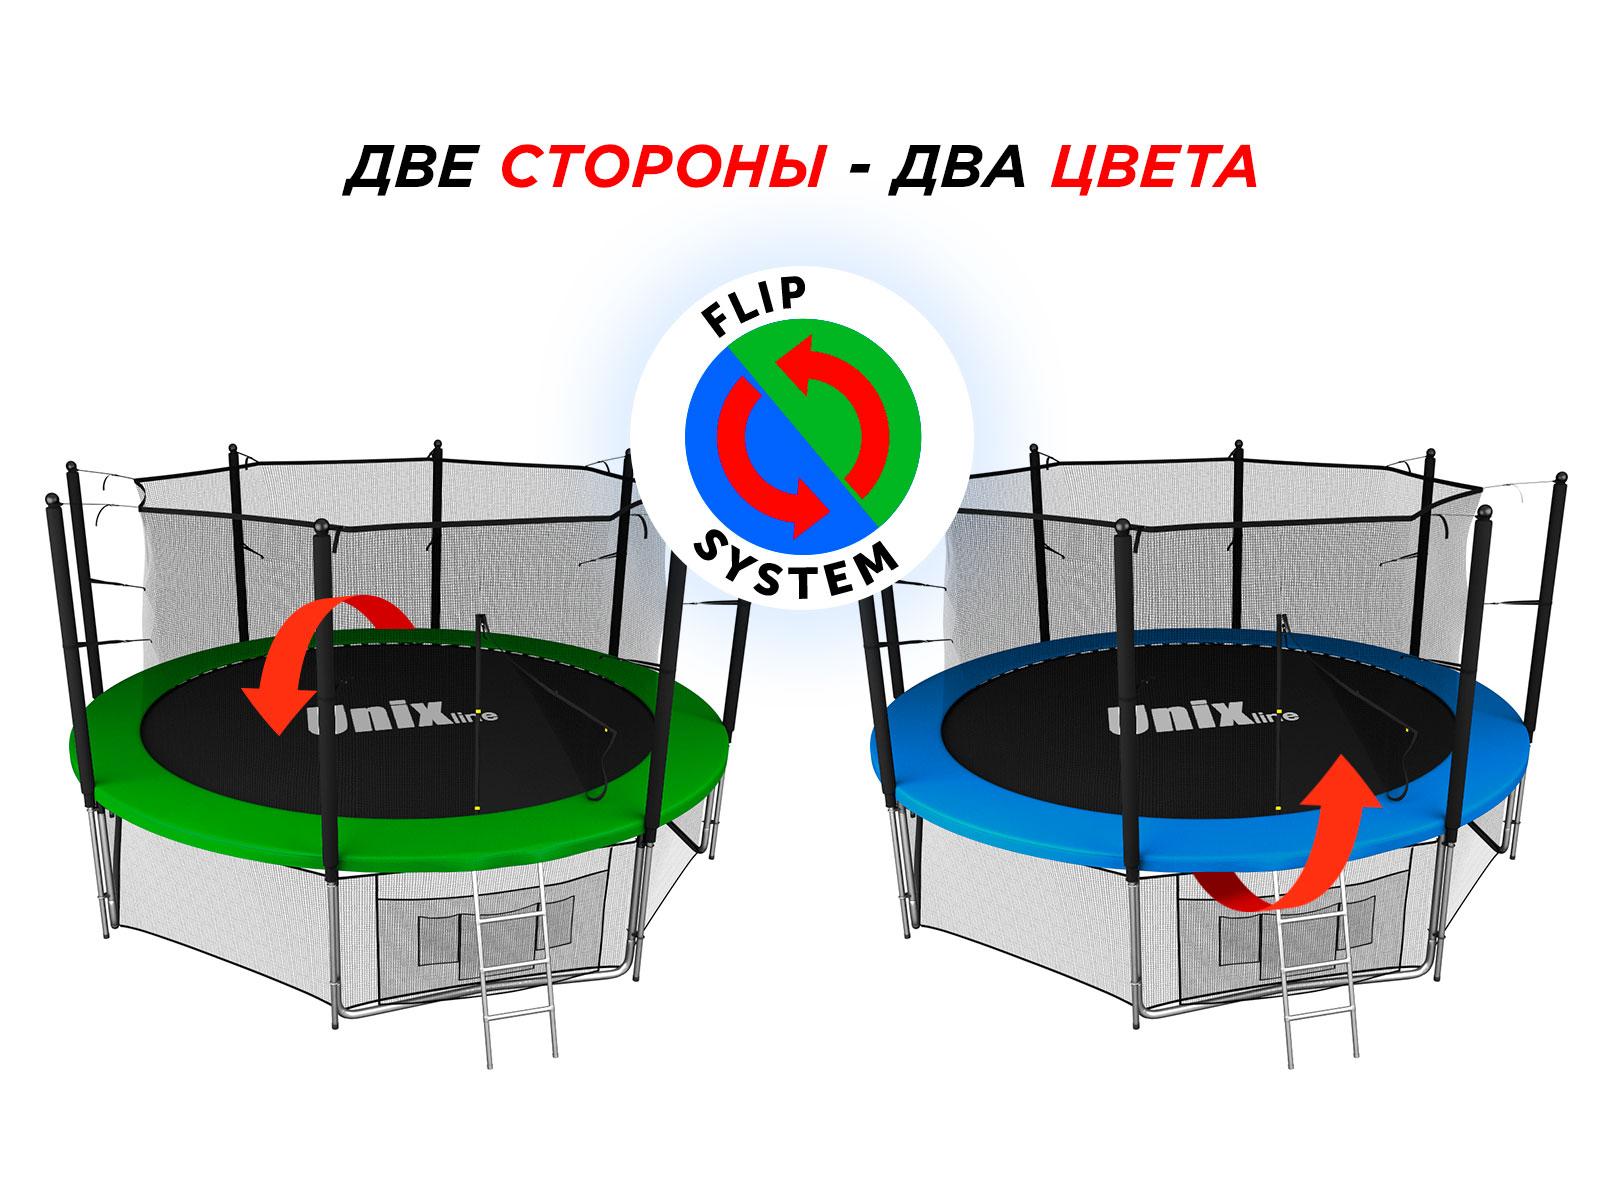 Батут UNIX line Classic 14 ft (inside)